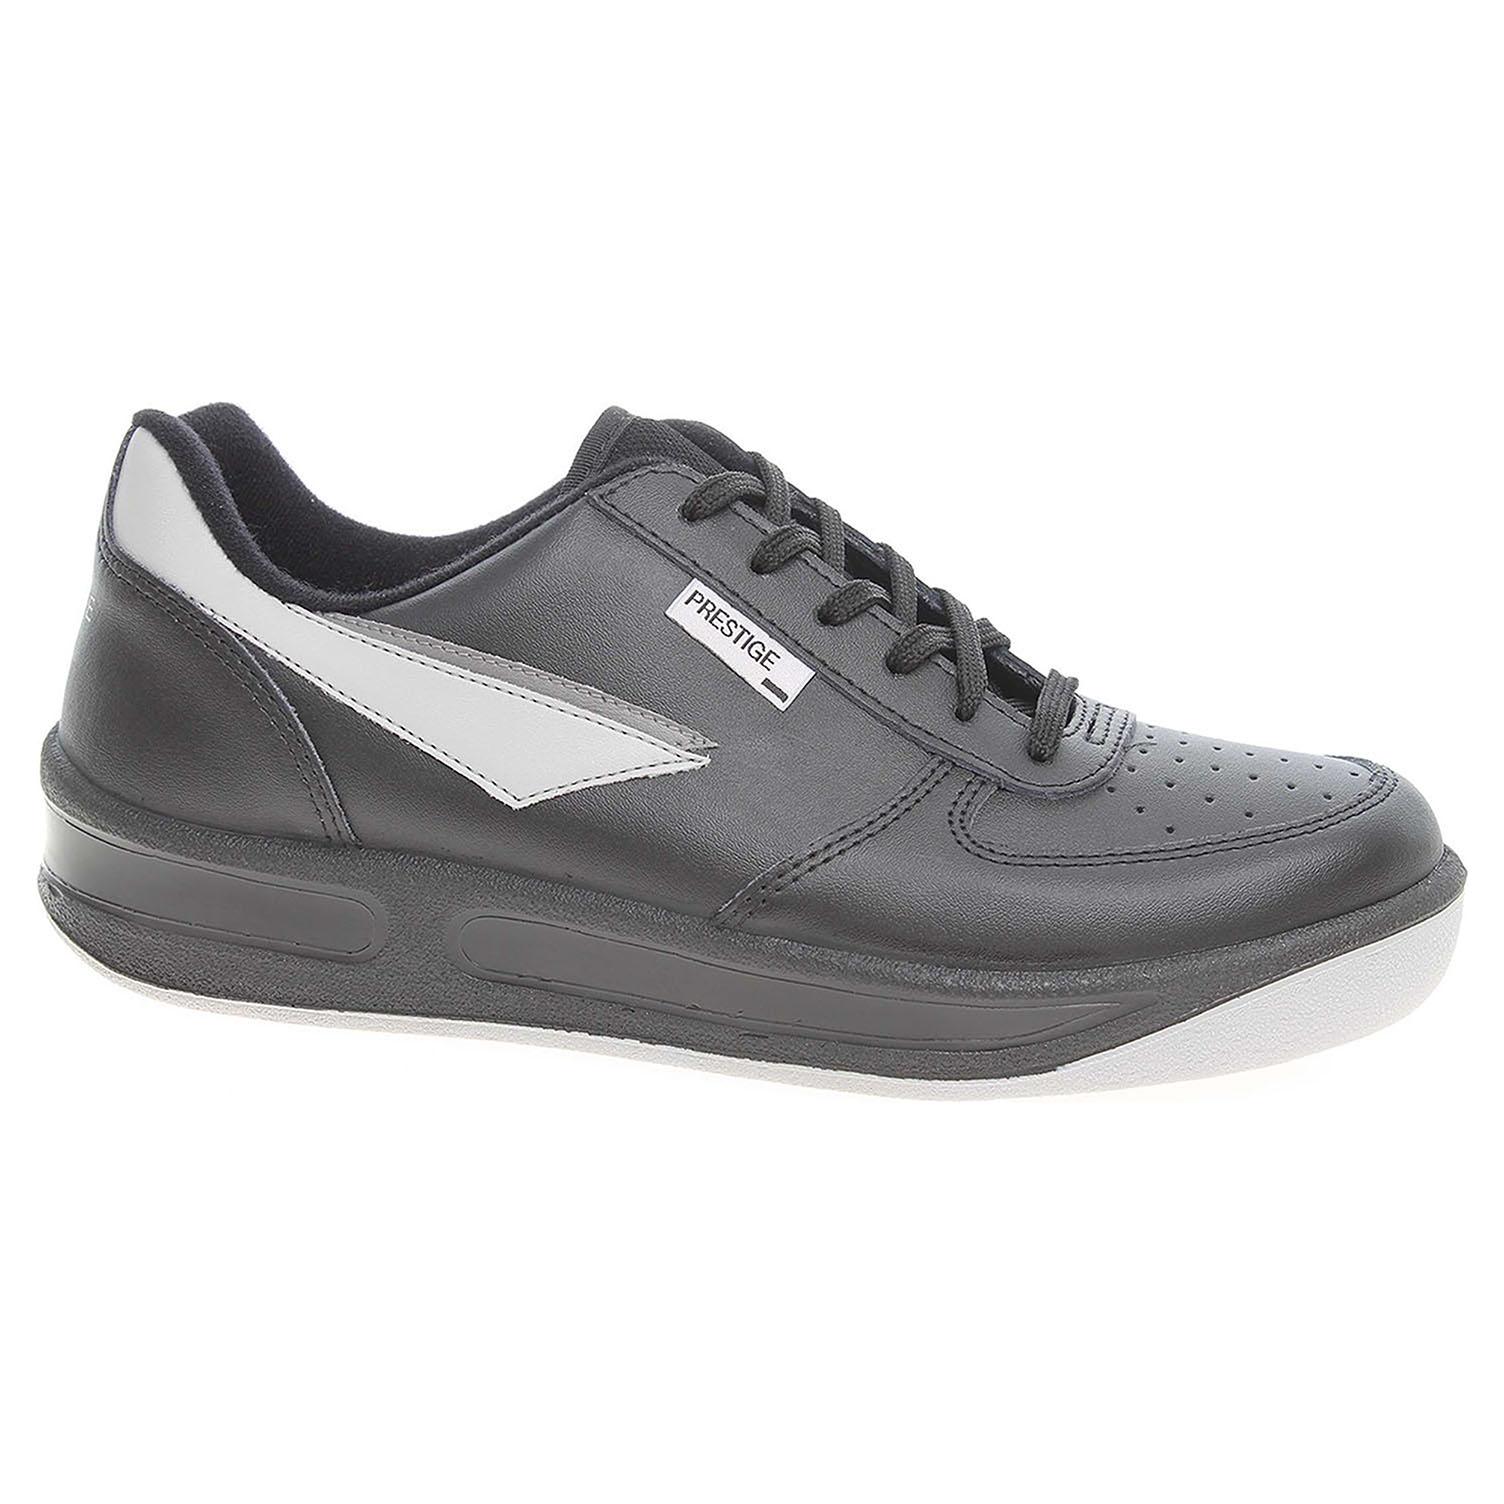 Dámská obuv Prestige 86808-60 černá 86808-60 černá 39